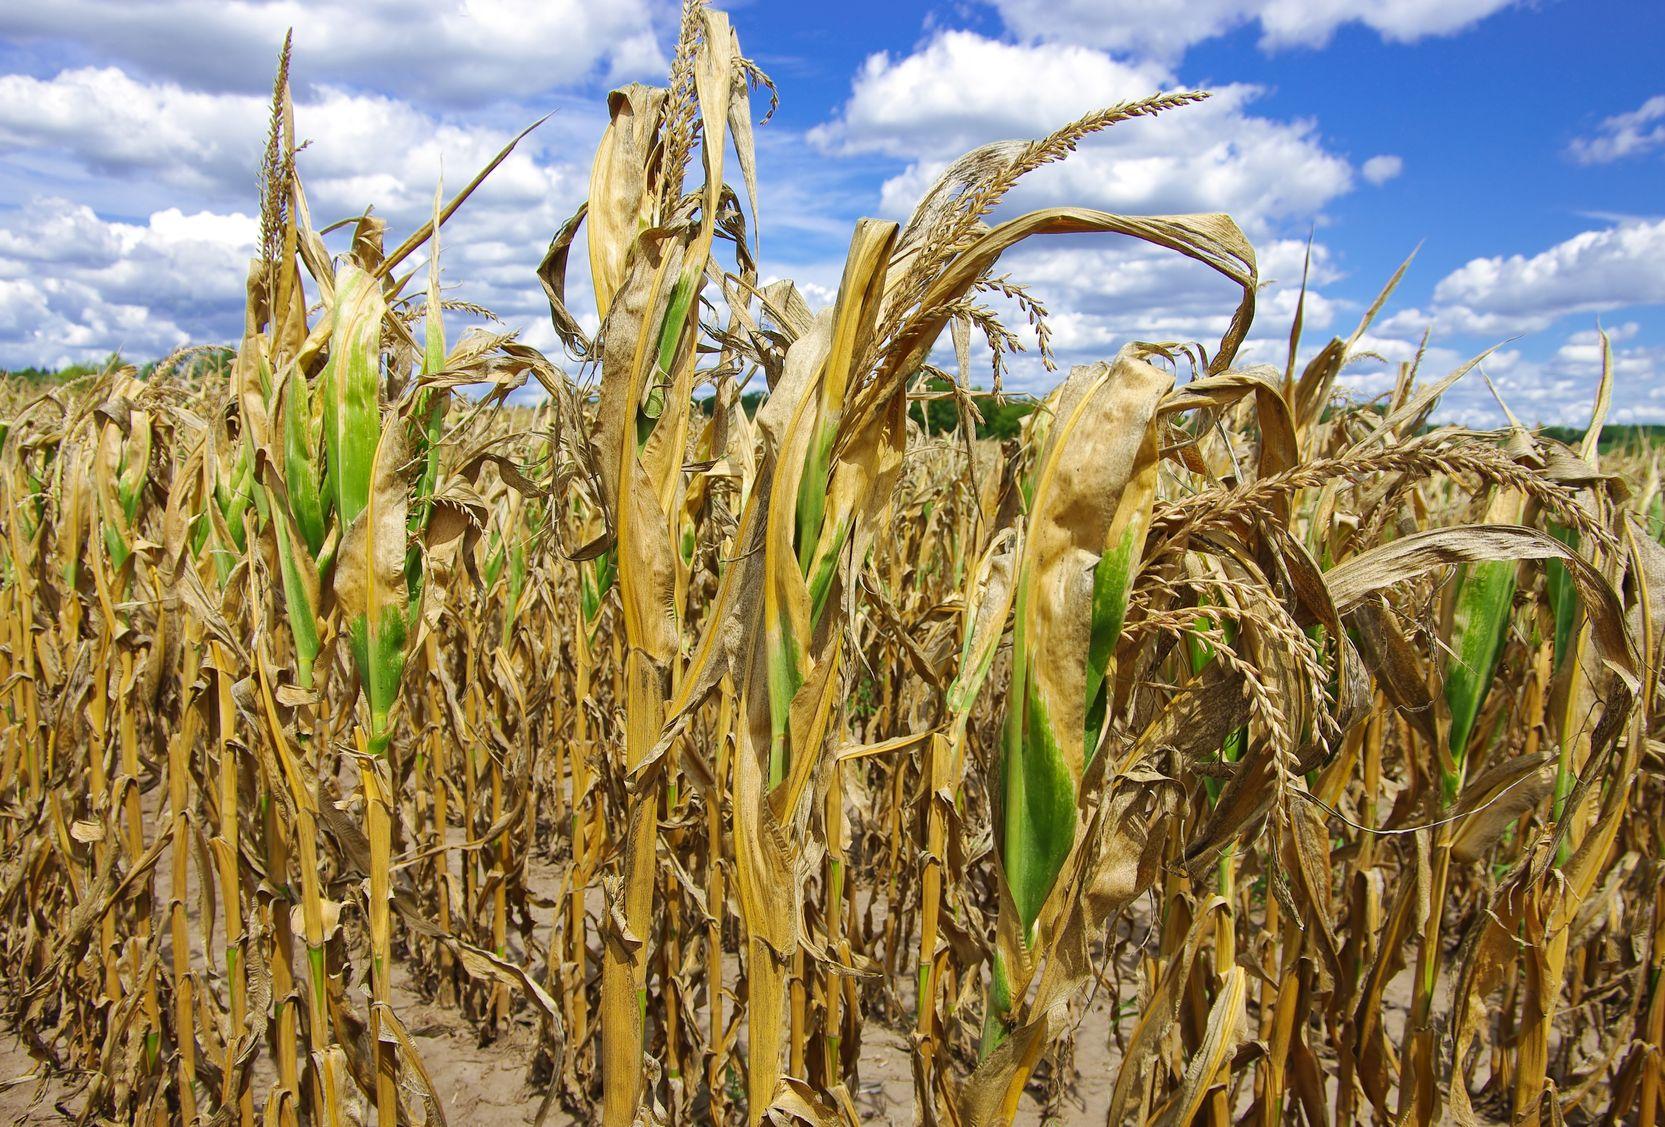 ပြောင်းလဲလာသည့်ရာသီဥတုနှင့်အညီ သီးနှံစိုက်ပျိုးရေး